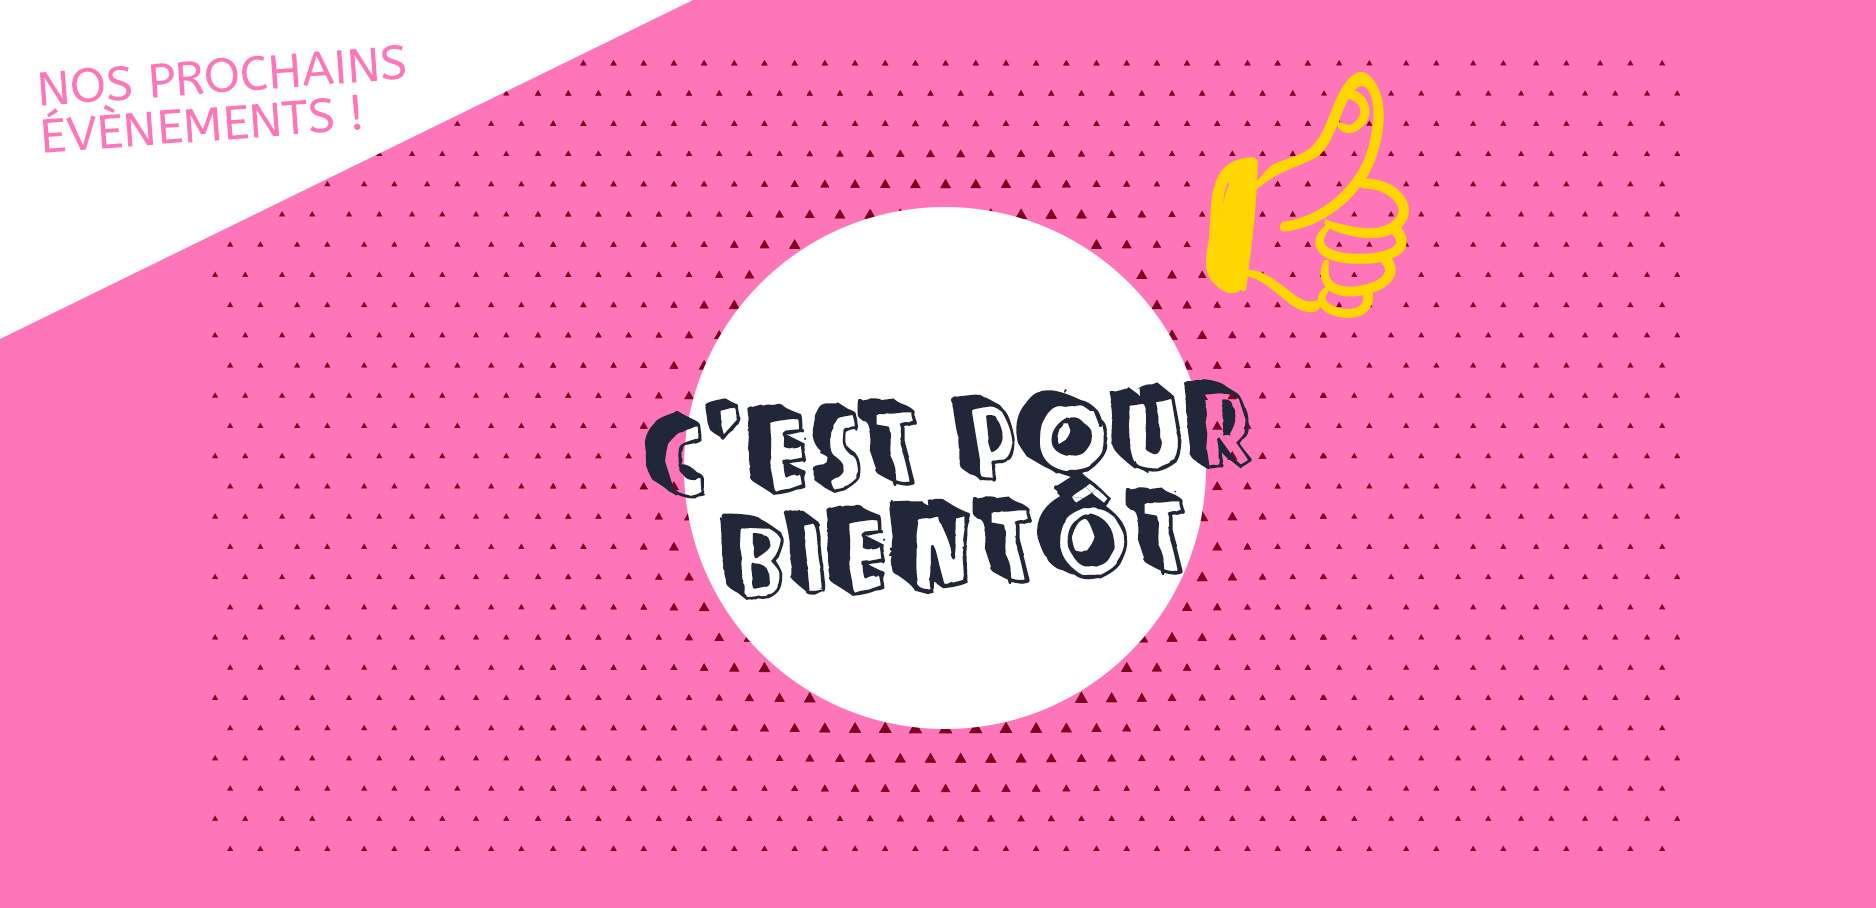 CJP_event-C-pour-bientot